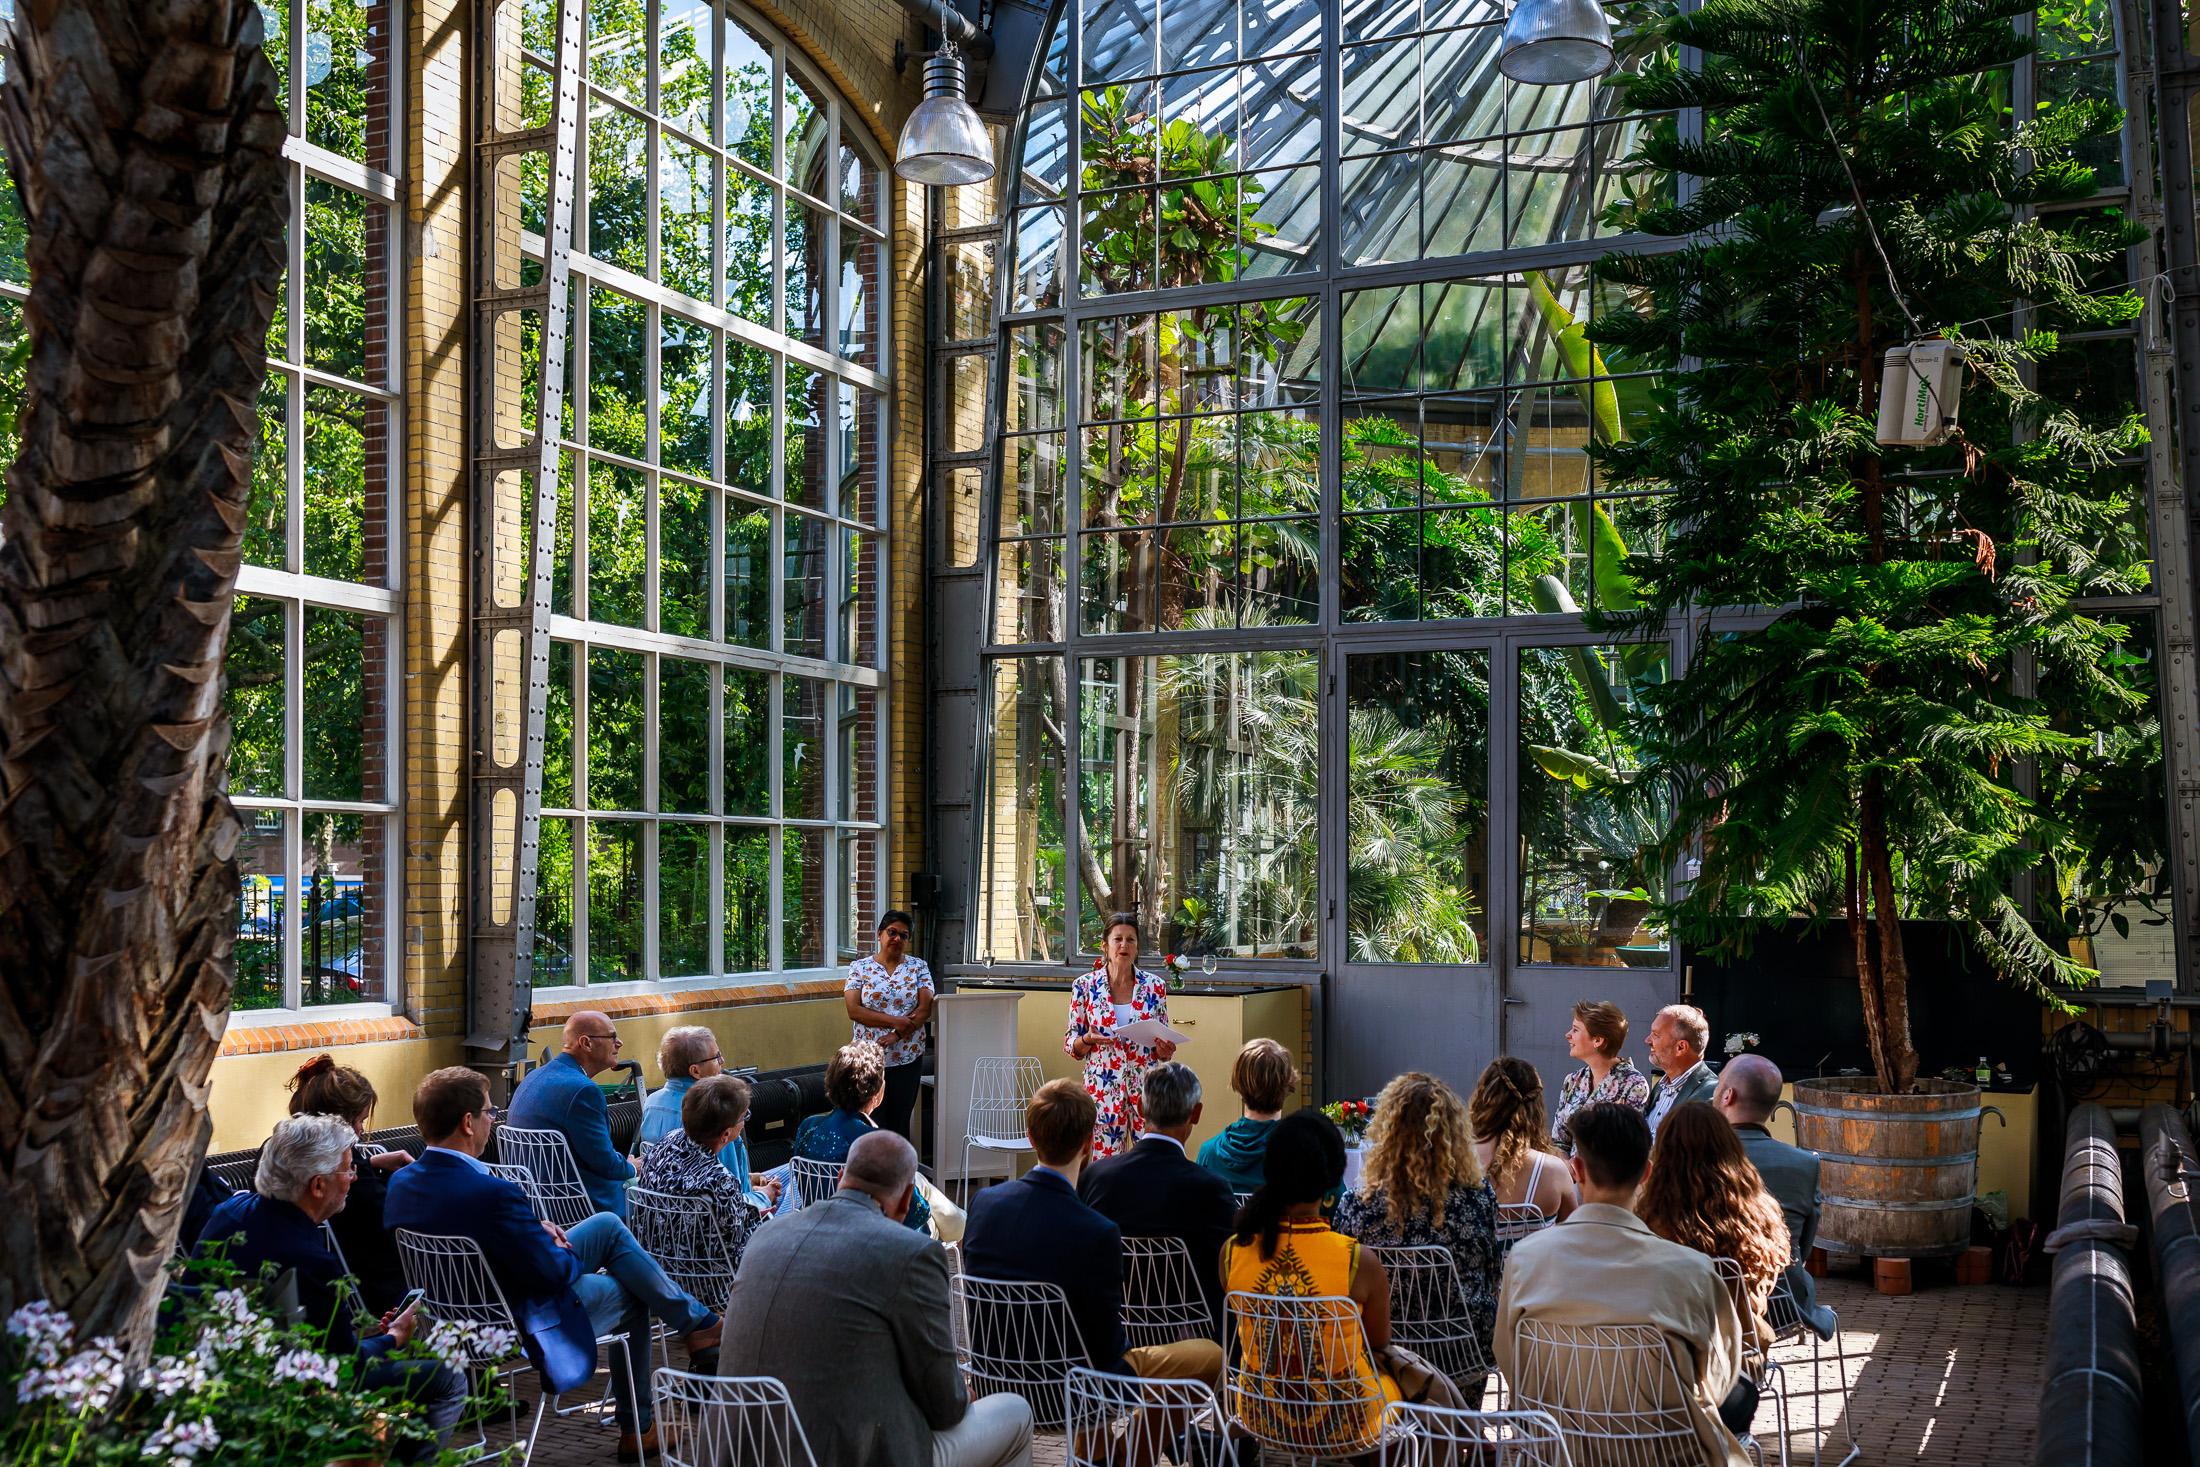 Trouwen bij de Hortus in Amsterdam | Trouwen in Amsterdam | Trouwen in een kas | Botanische trouwlocatie | Trouwlocatie Amsterdam